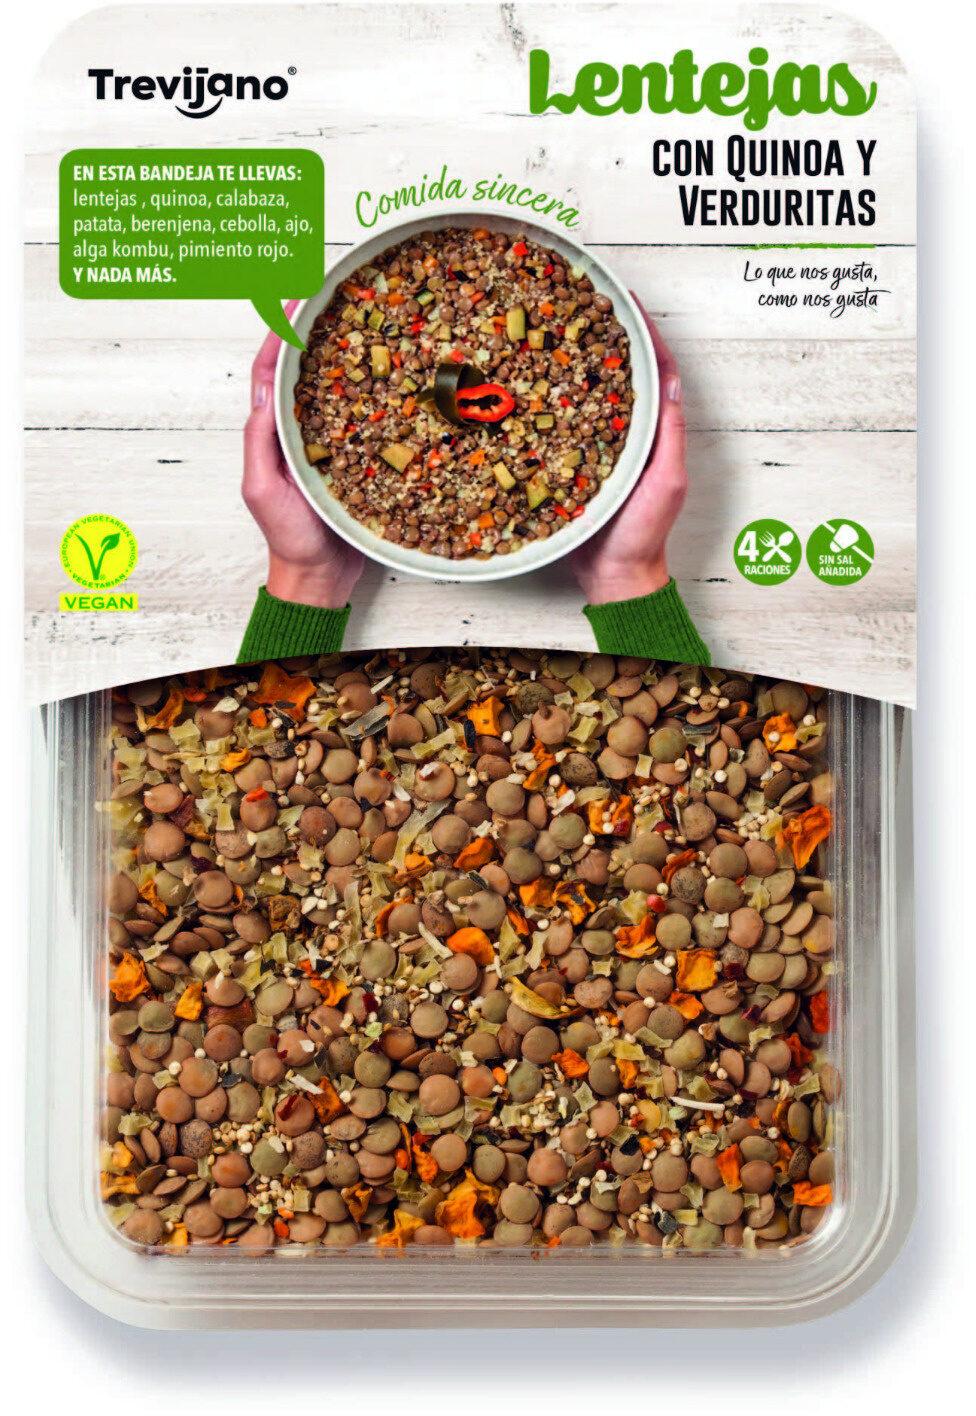 Lentejas con Quinoa y Verduritas - Product